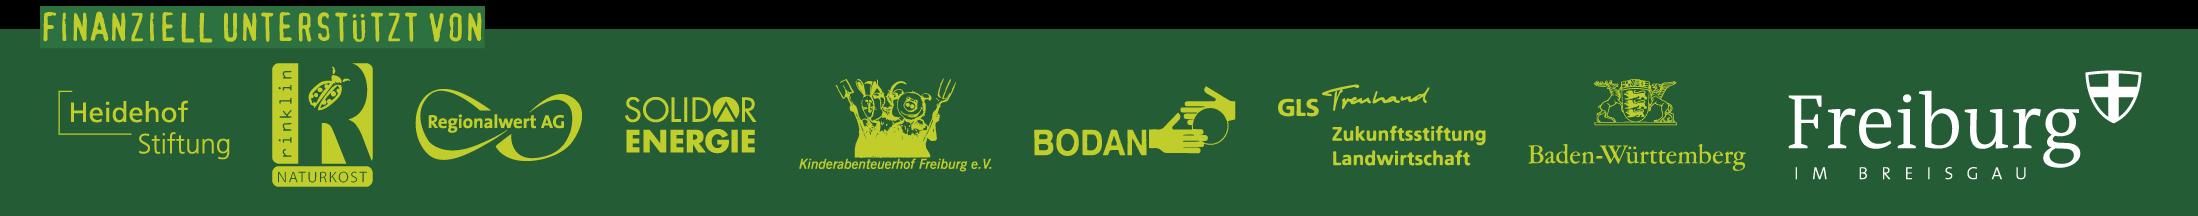 Unterstzuetzer_logos